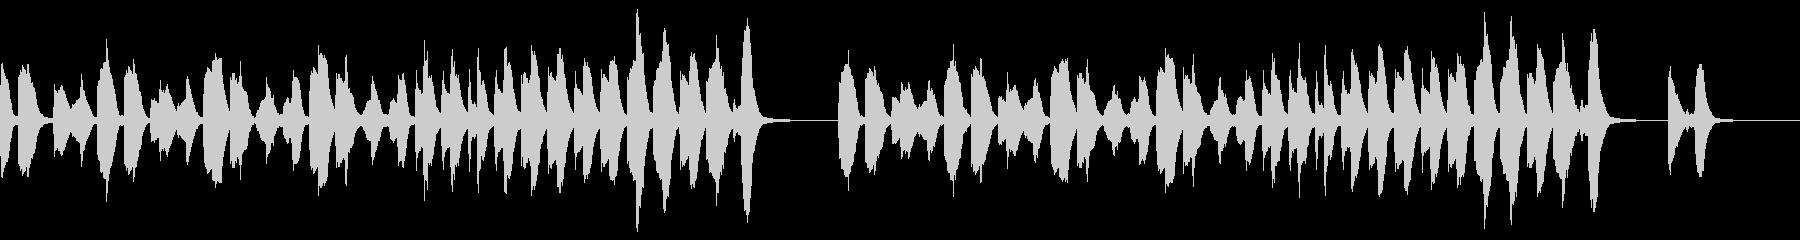 明るくほのぼのとしたピアノソロの未再生の波形